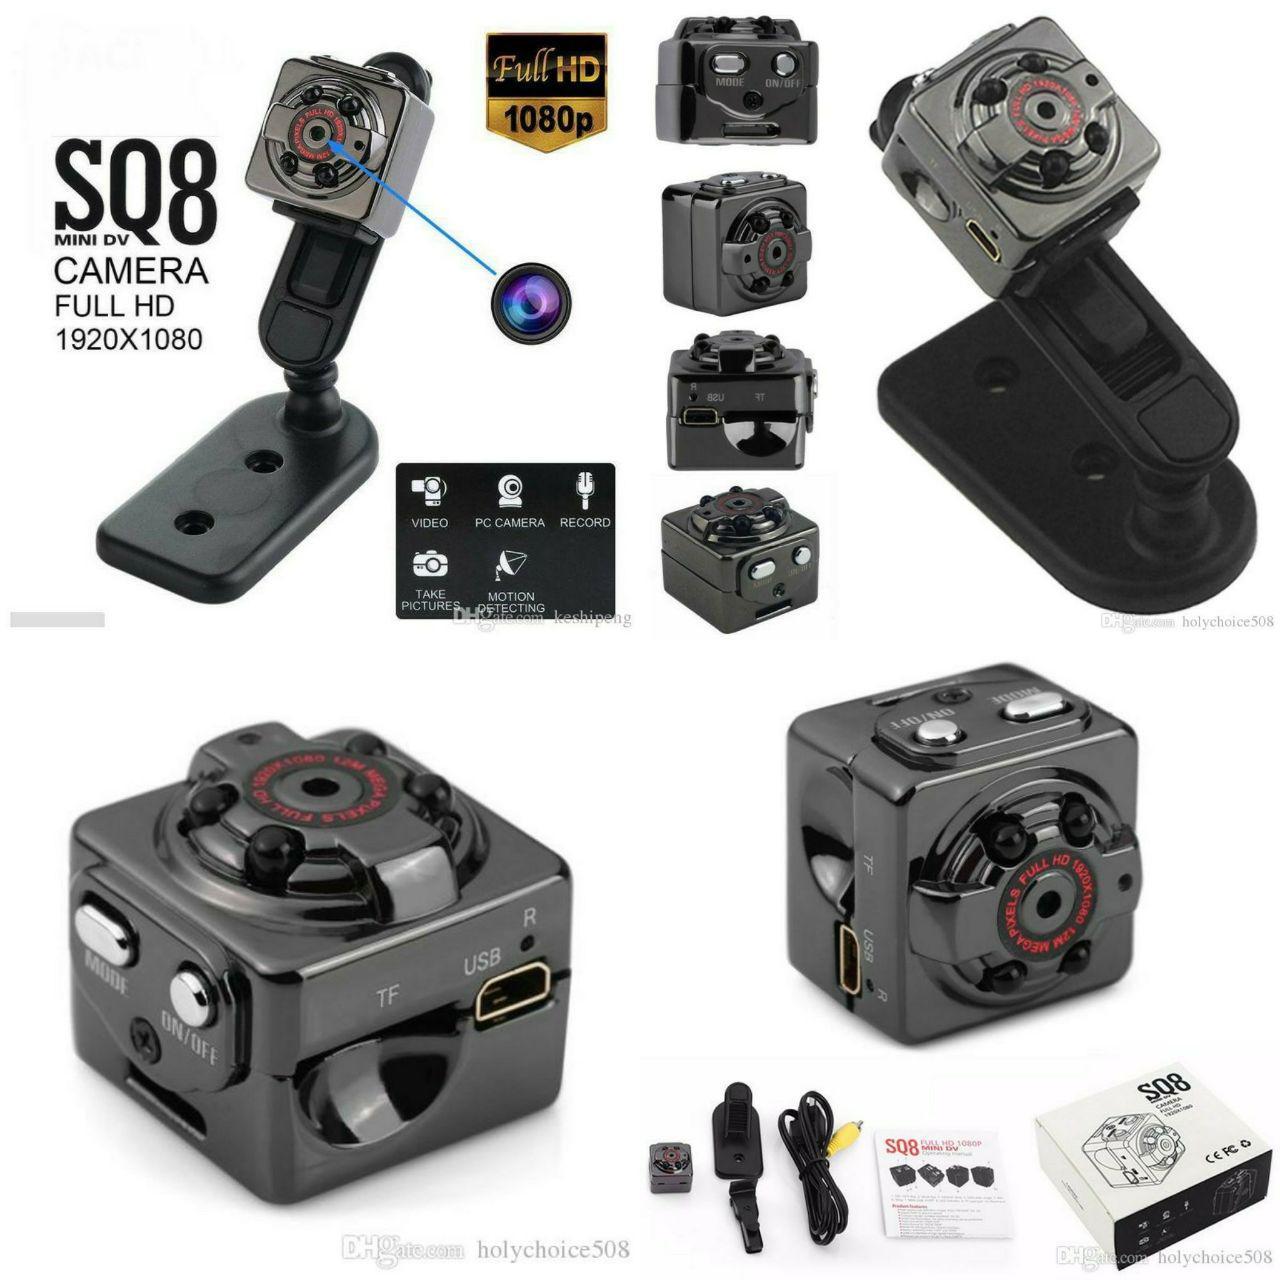 Camera mini siêu nhỏ SQ8 FULLHD 1080P 12Mpx hình ảnh rõ nét Quay cả ban ngày và ban đêm (camera...